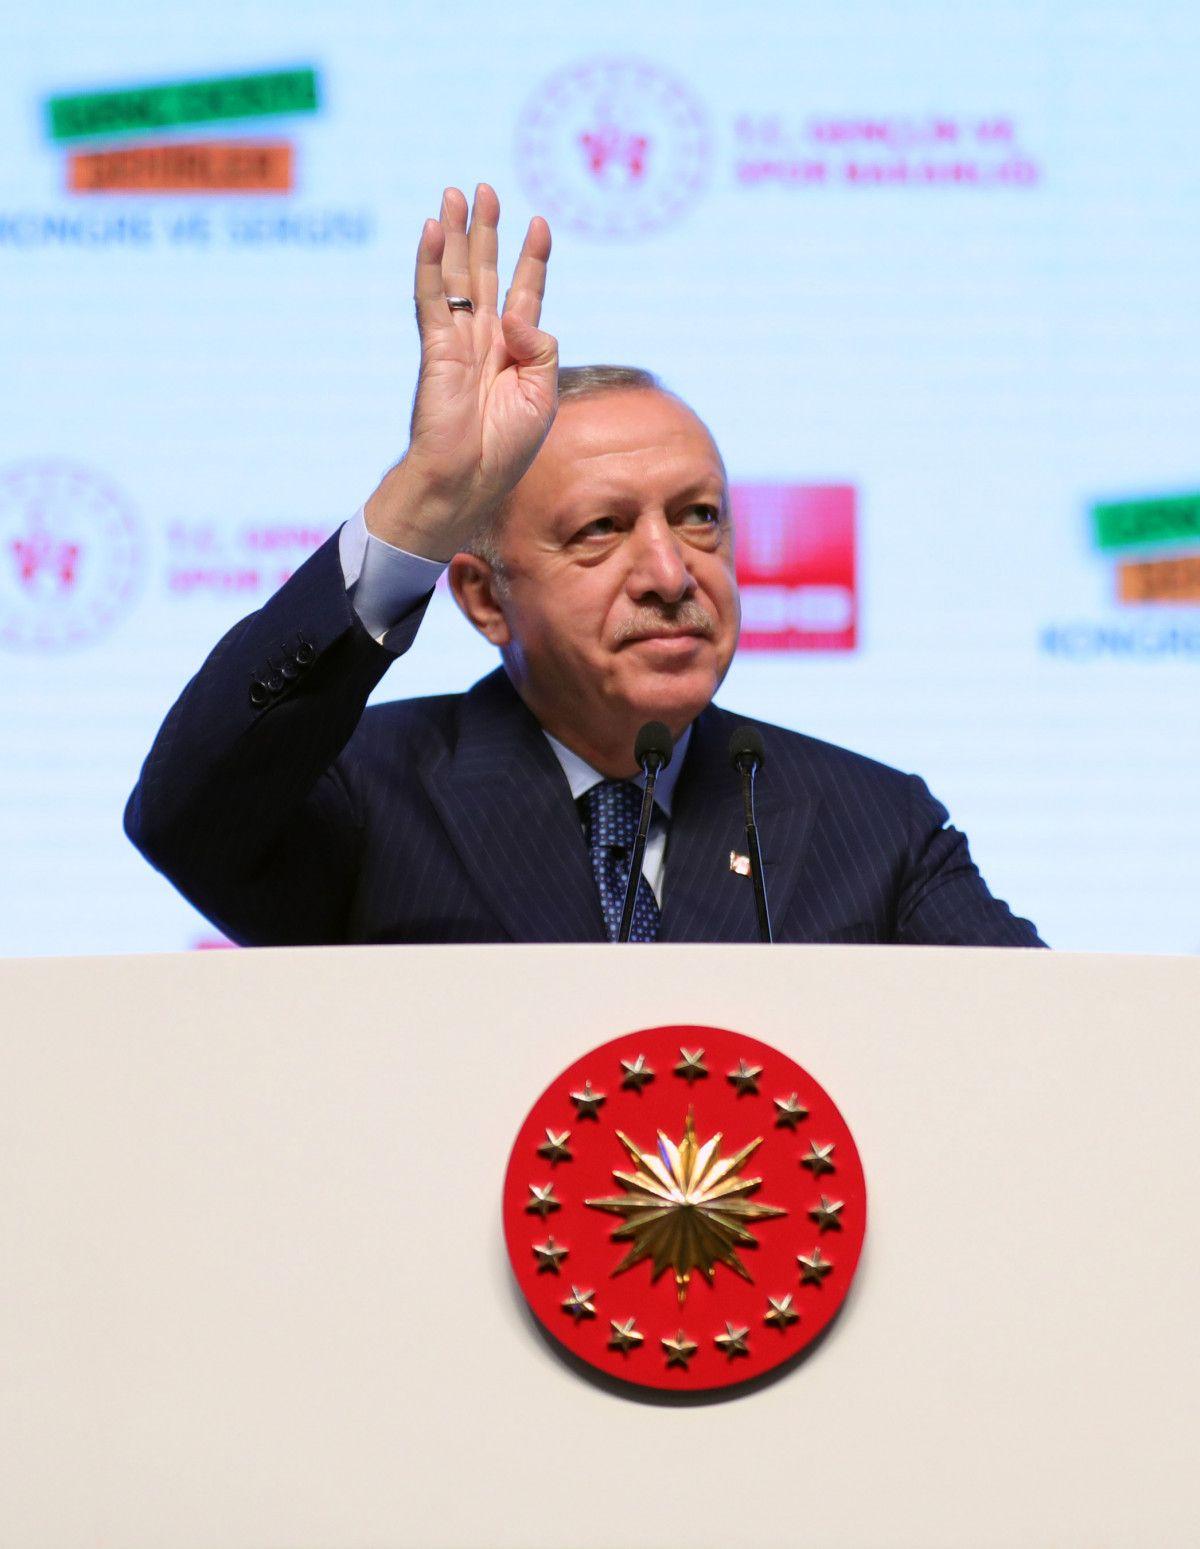 Cumhurbaşkanı Erdoğan Genç Dostu Şehirler Kongresi nde #2